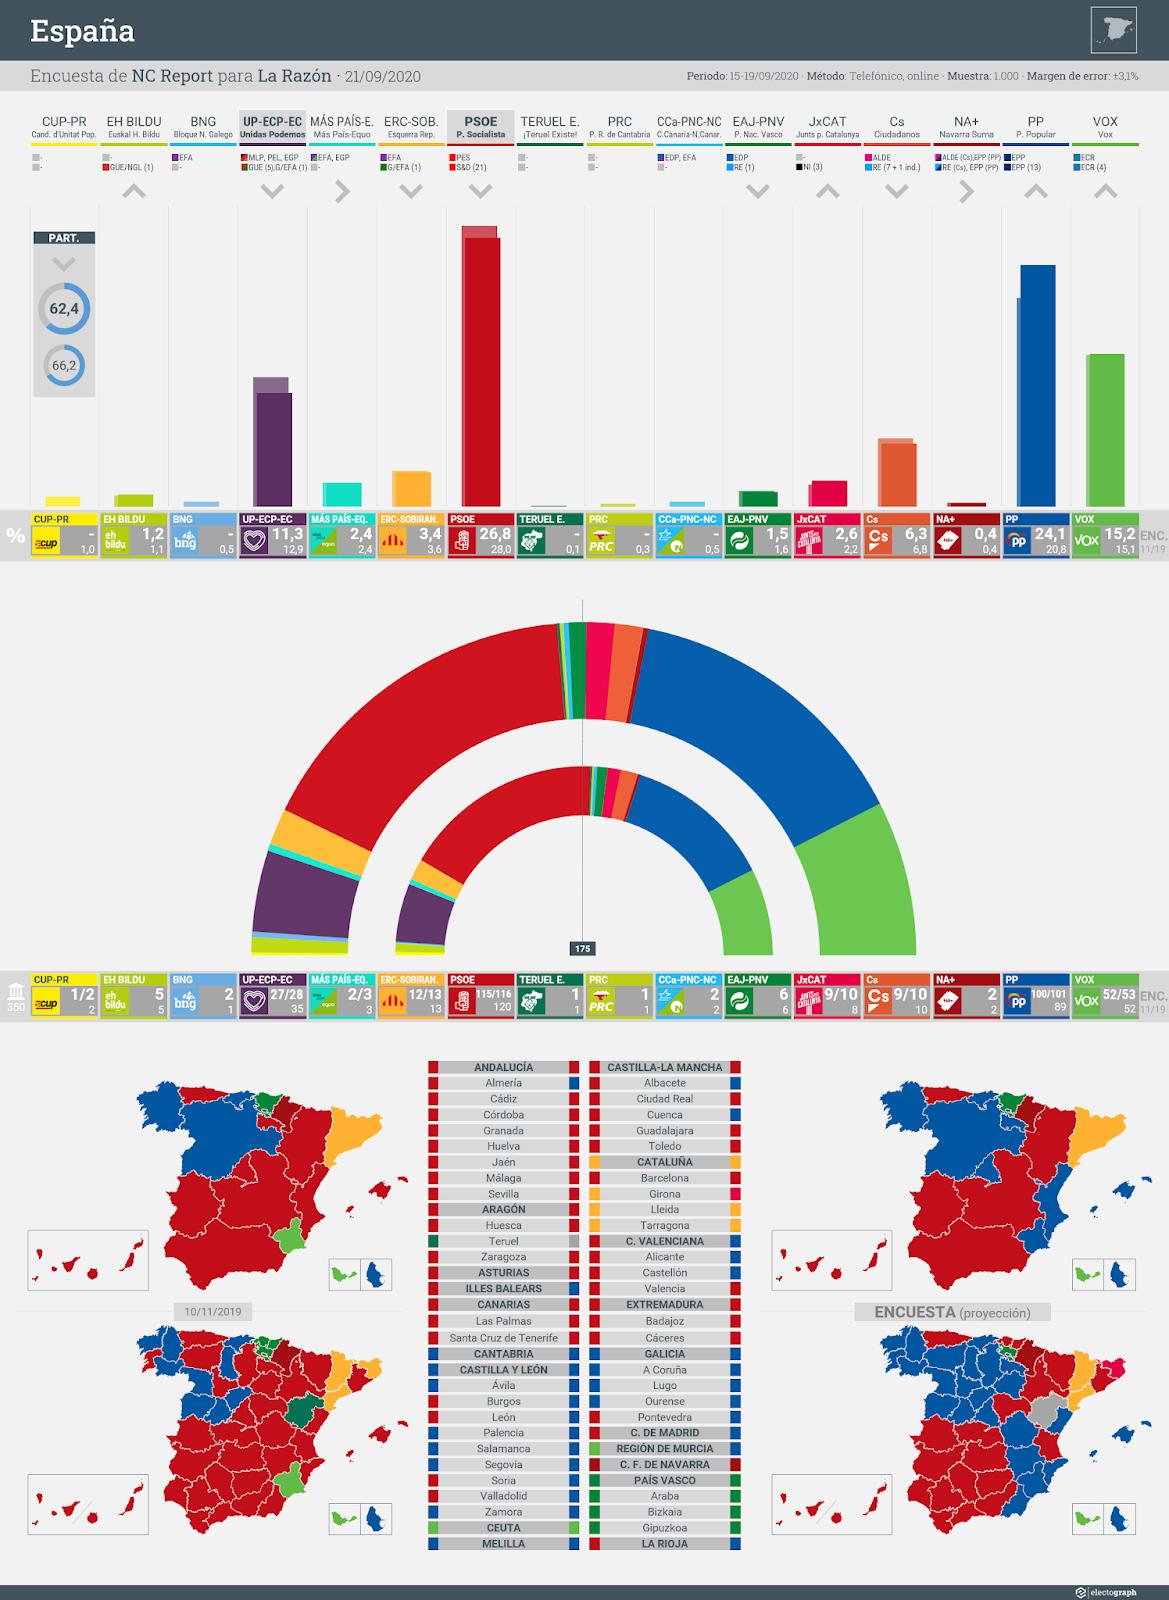 Gráfico de la encuesta para elecciones generales en España realizada por NC Report para La Razón, 21 de septiembre de 2020